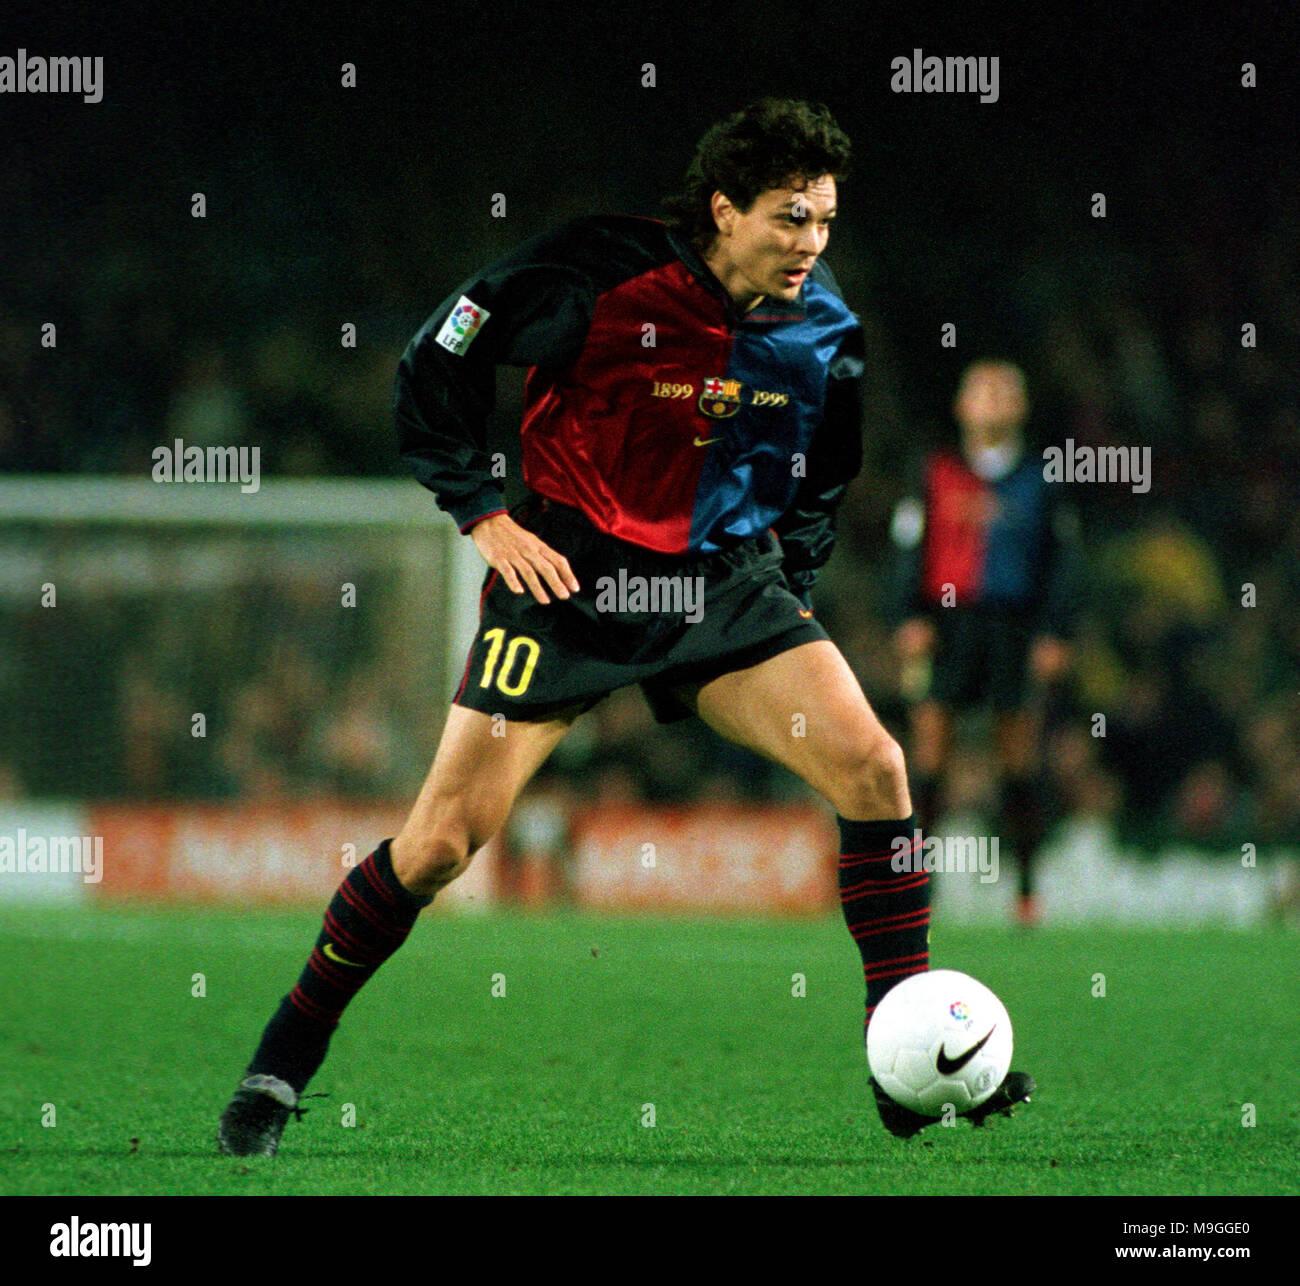 Real Madrid Legends 4 2 Liverpool Legends Tale Of Two: Jari Litmanen Stock Photos & Jari Litmanen Stock Images